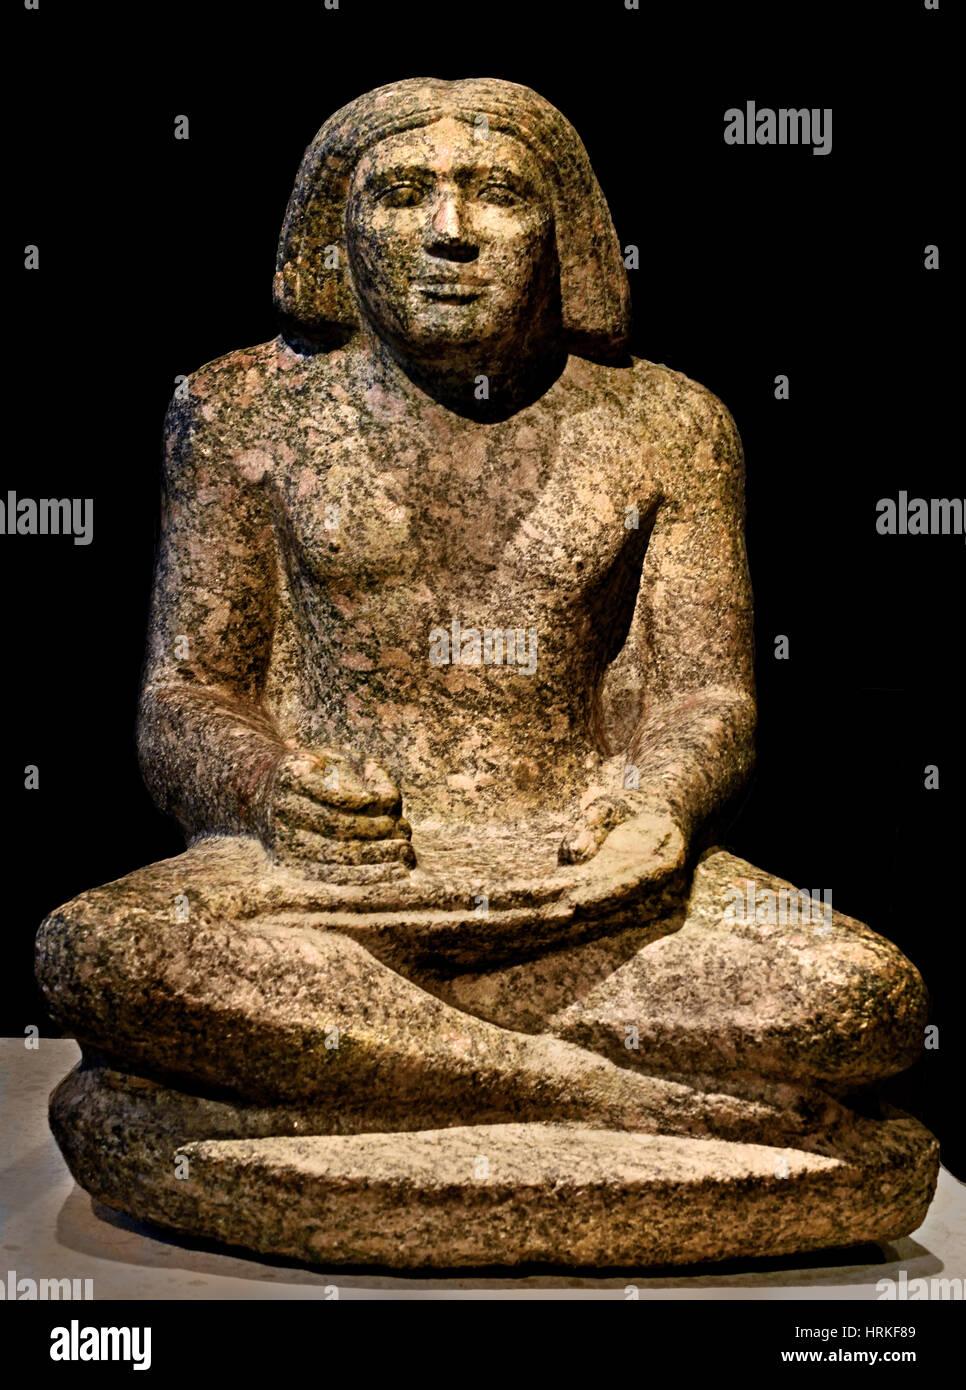 Schreiber-Statue der Domäne-Administrator Der Senedj 5. Dynastie Gizeh (Ägypten / unteren Ägypten) Stockbild